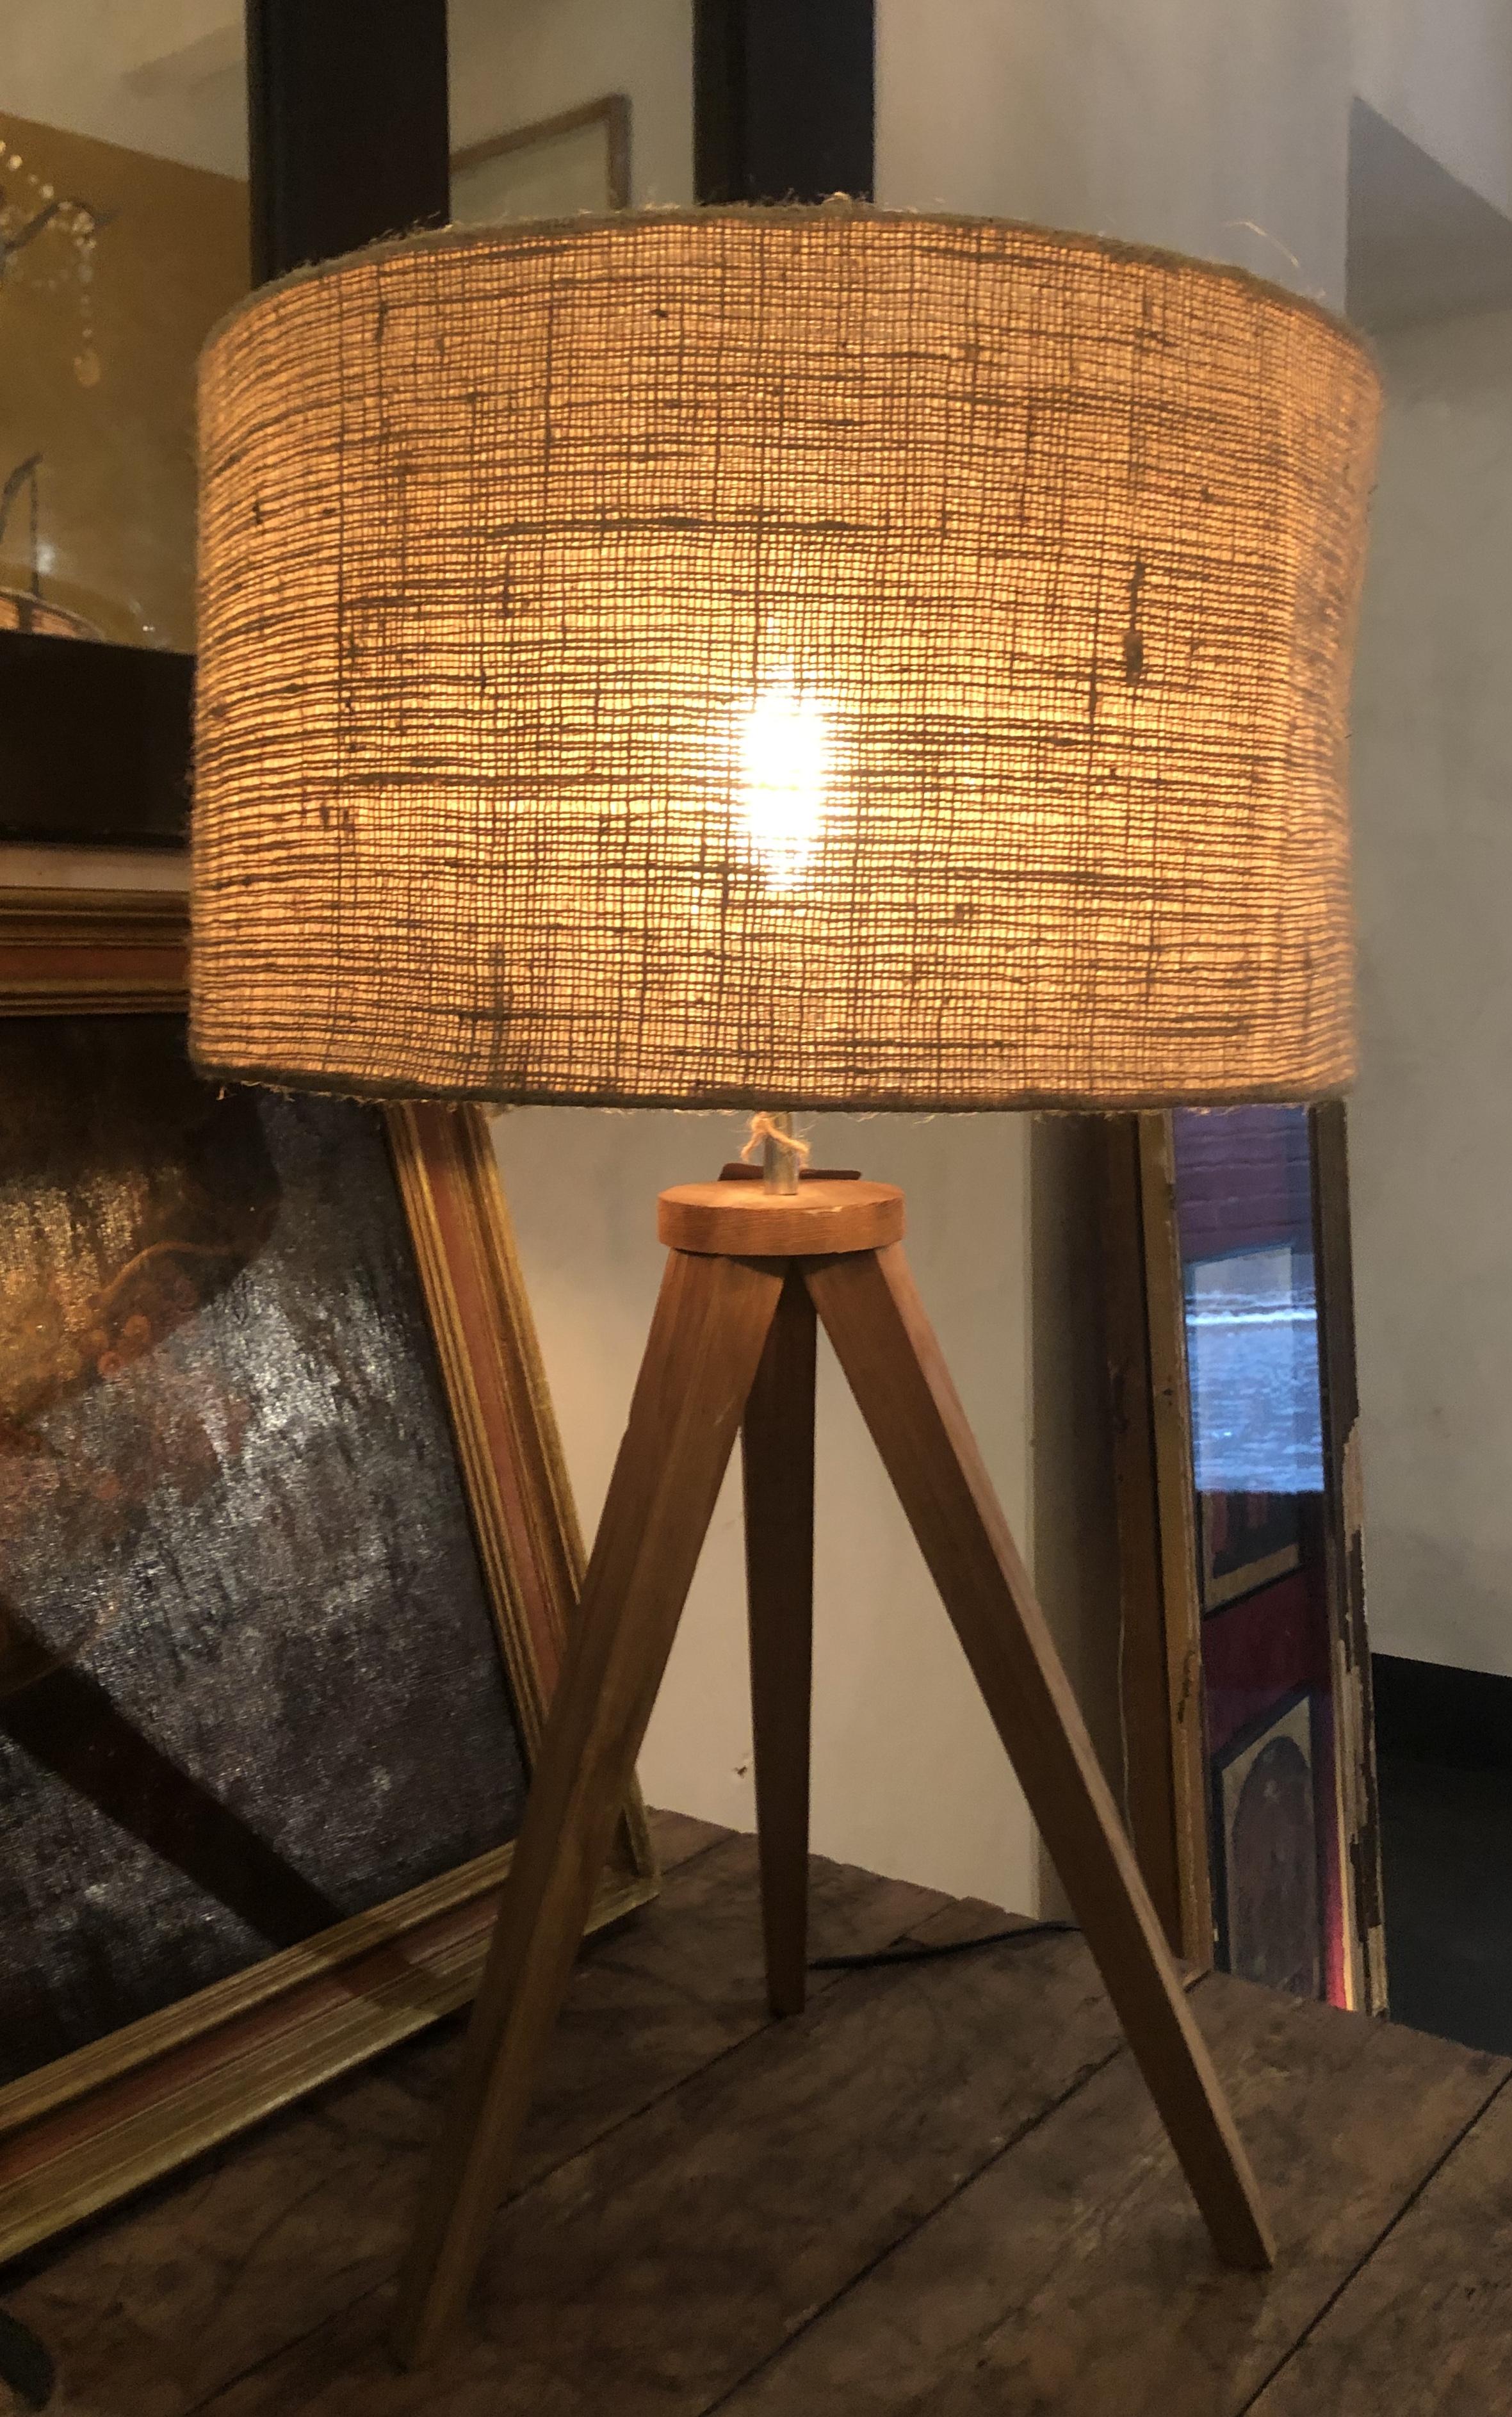 LAMPADA TRE PIEDI IN LEGNO